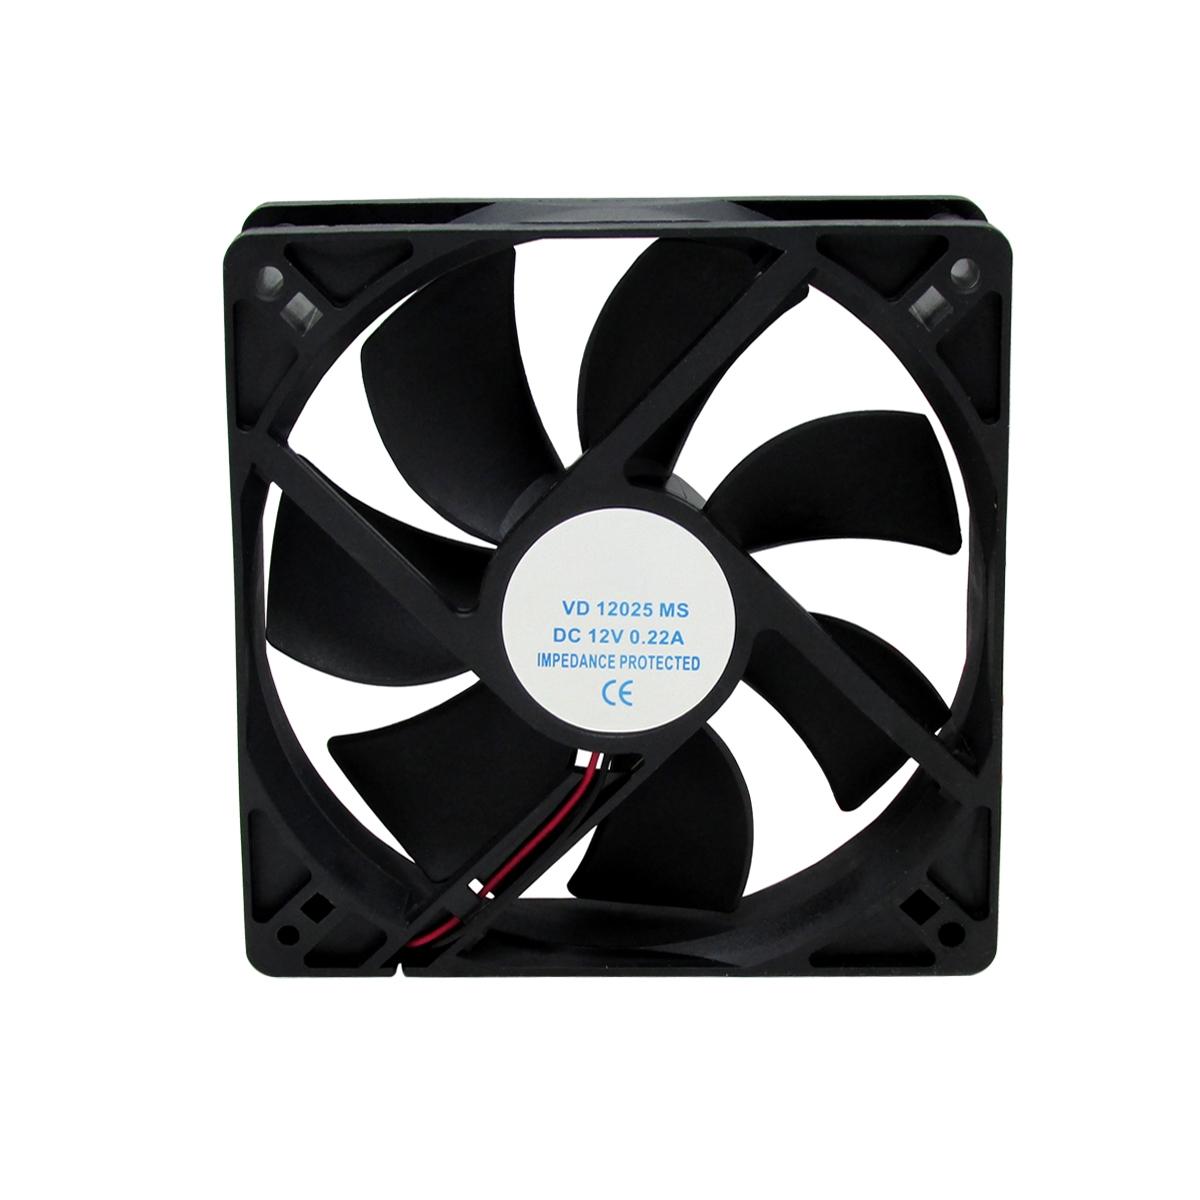 Ventilador Cooler Ventoinha Fan 120x120x25mm 12 Volts